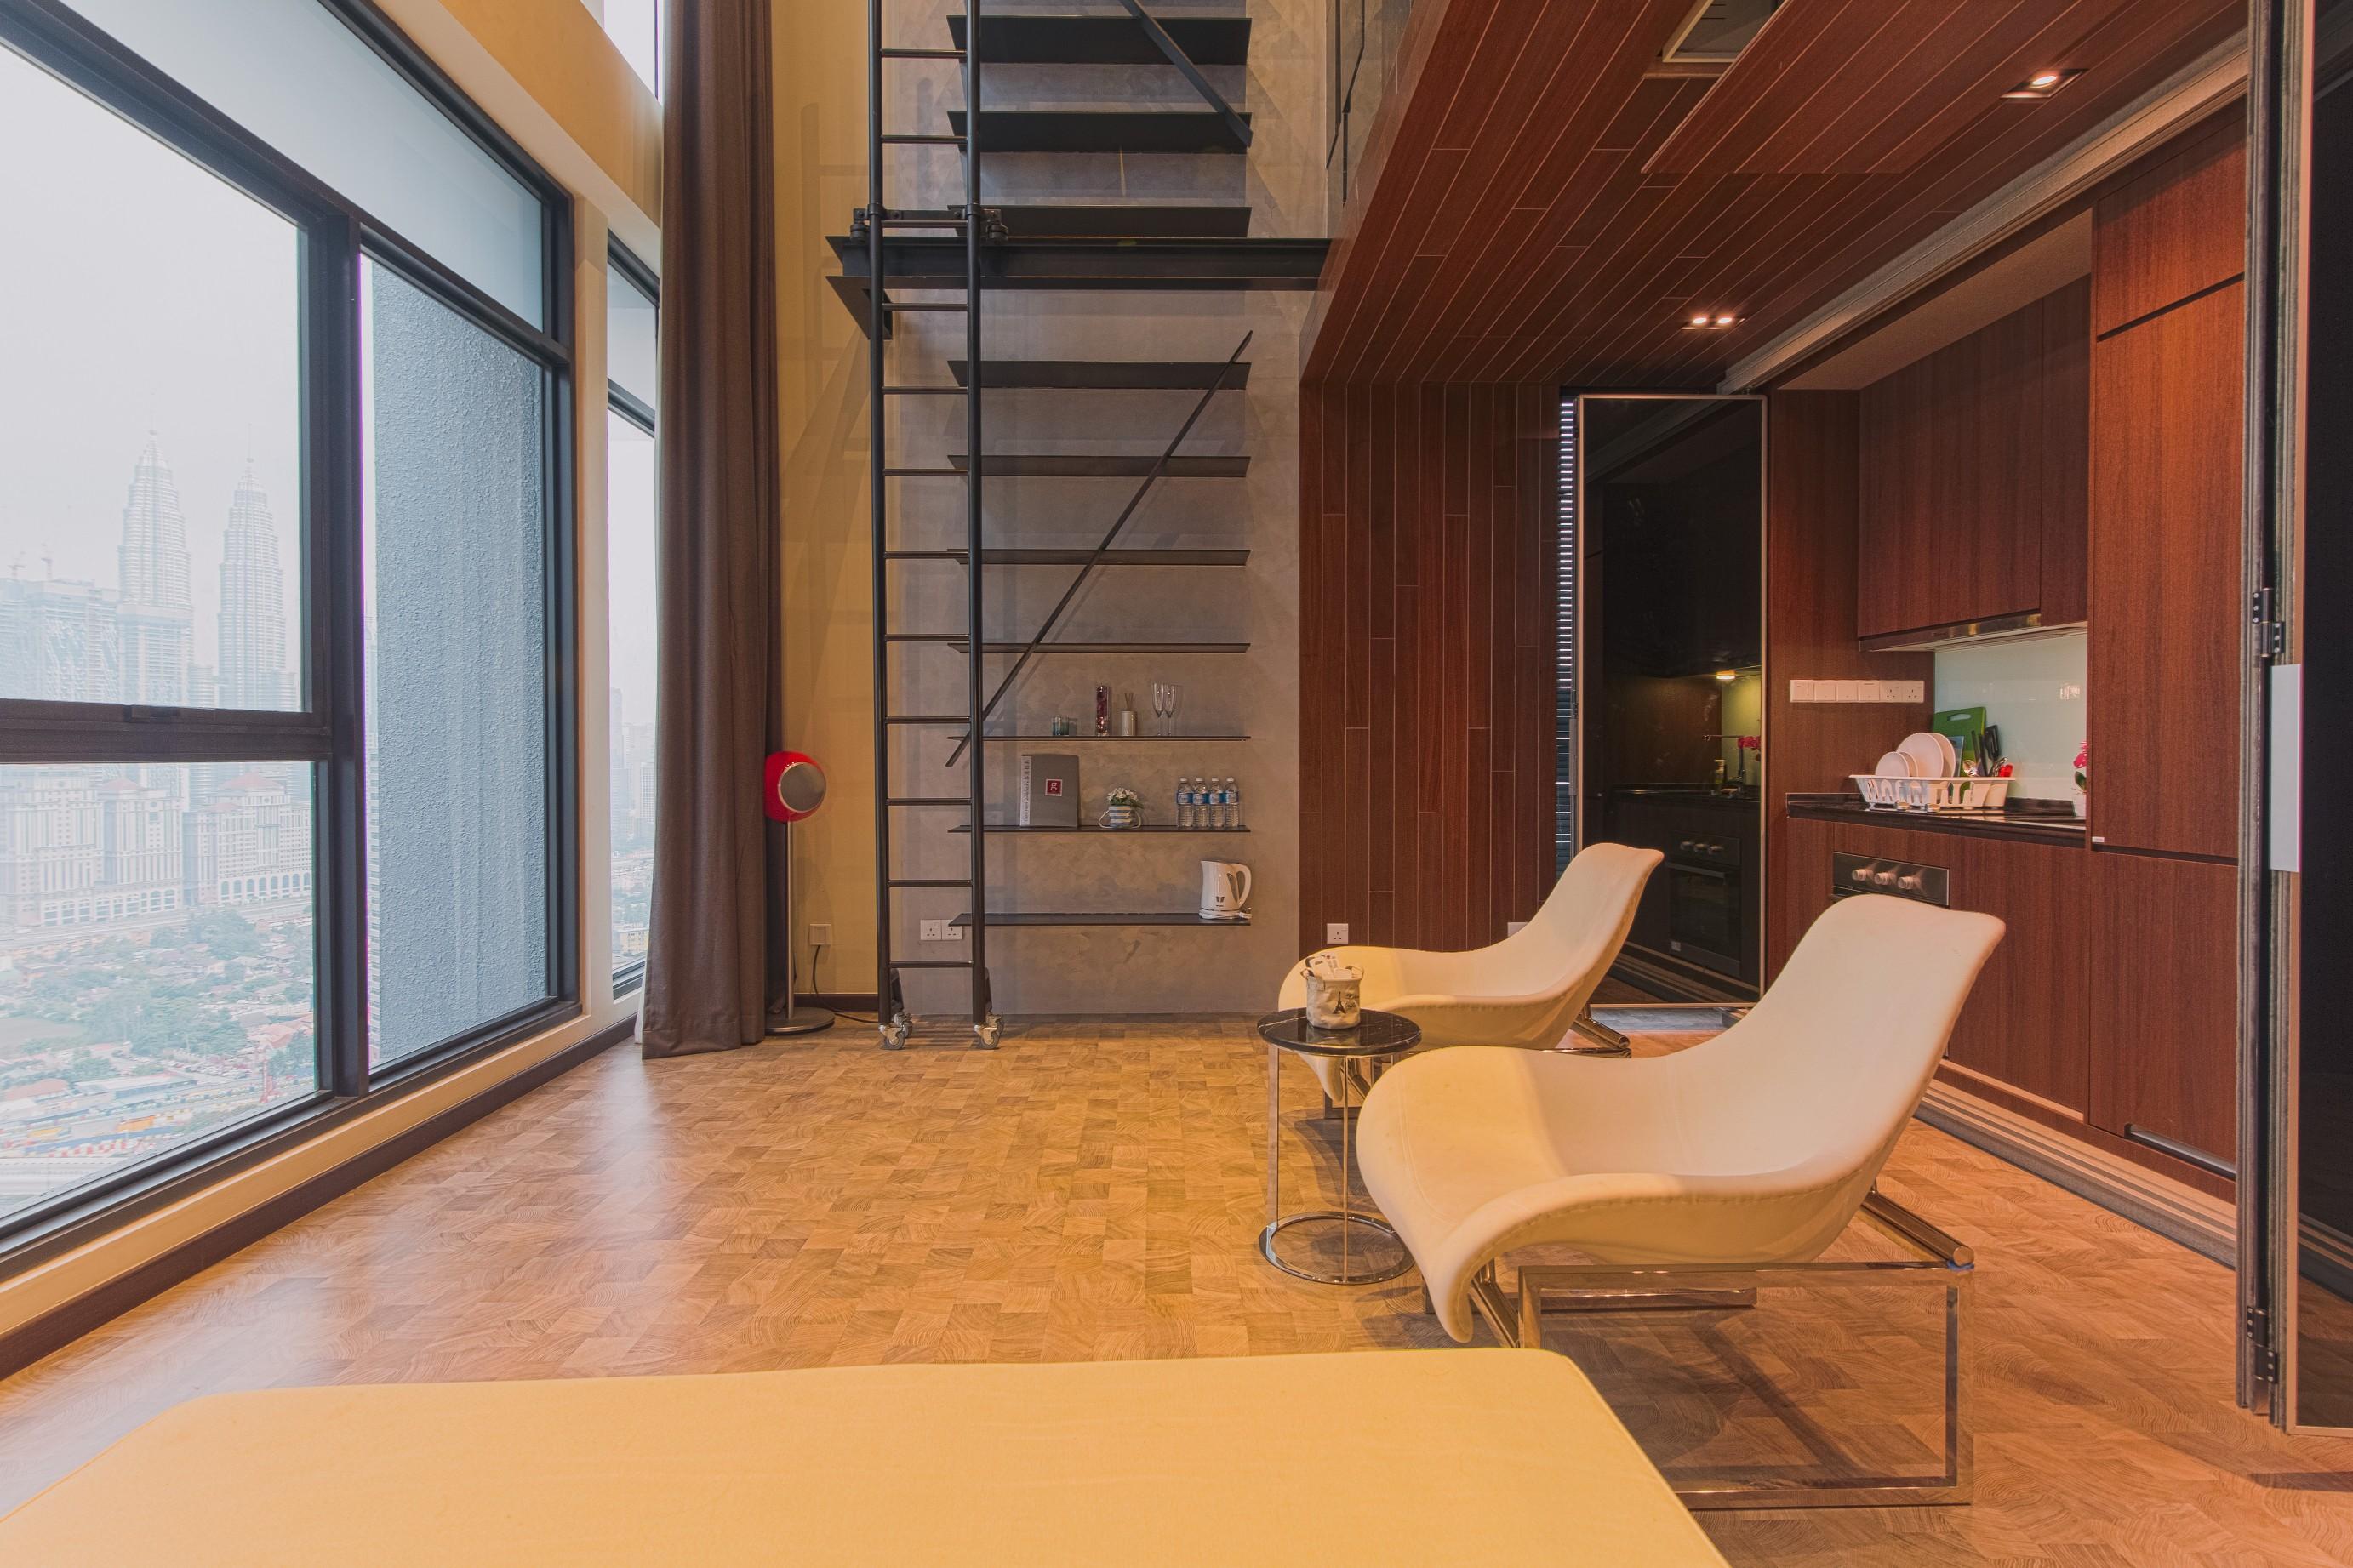 吉隆坡飯店-吉隆坡酒店-[無邊際泳池]吉隆坡星匯專業酒店式公寓